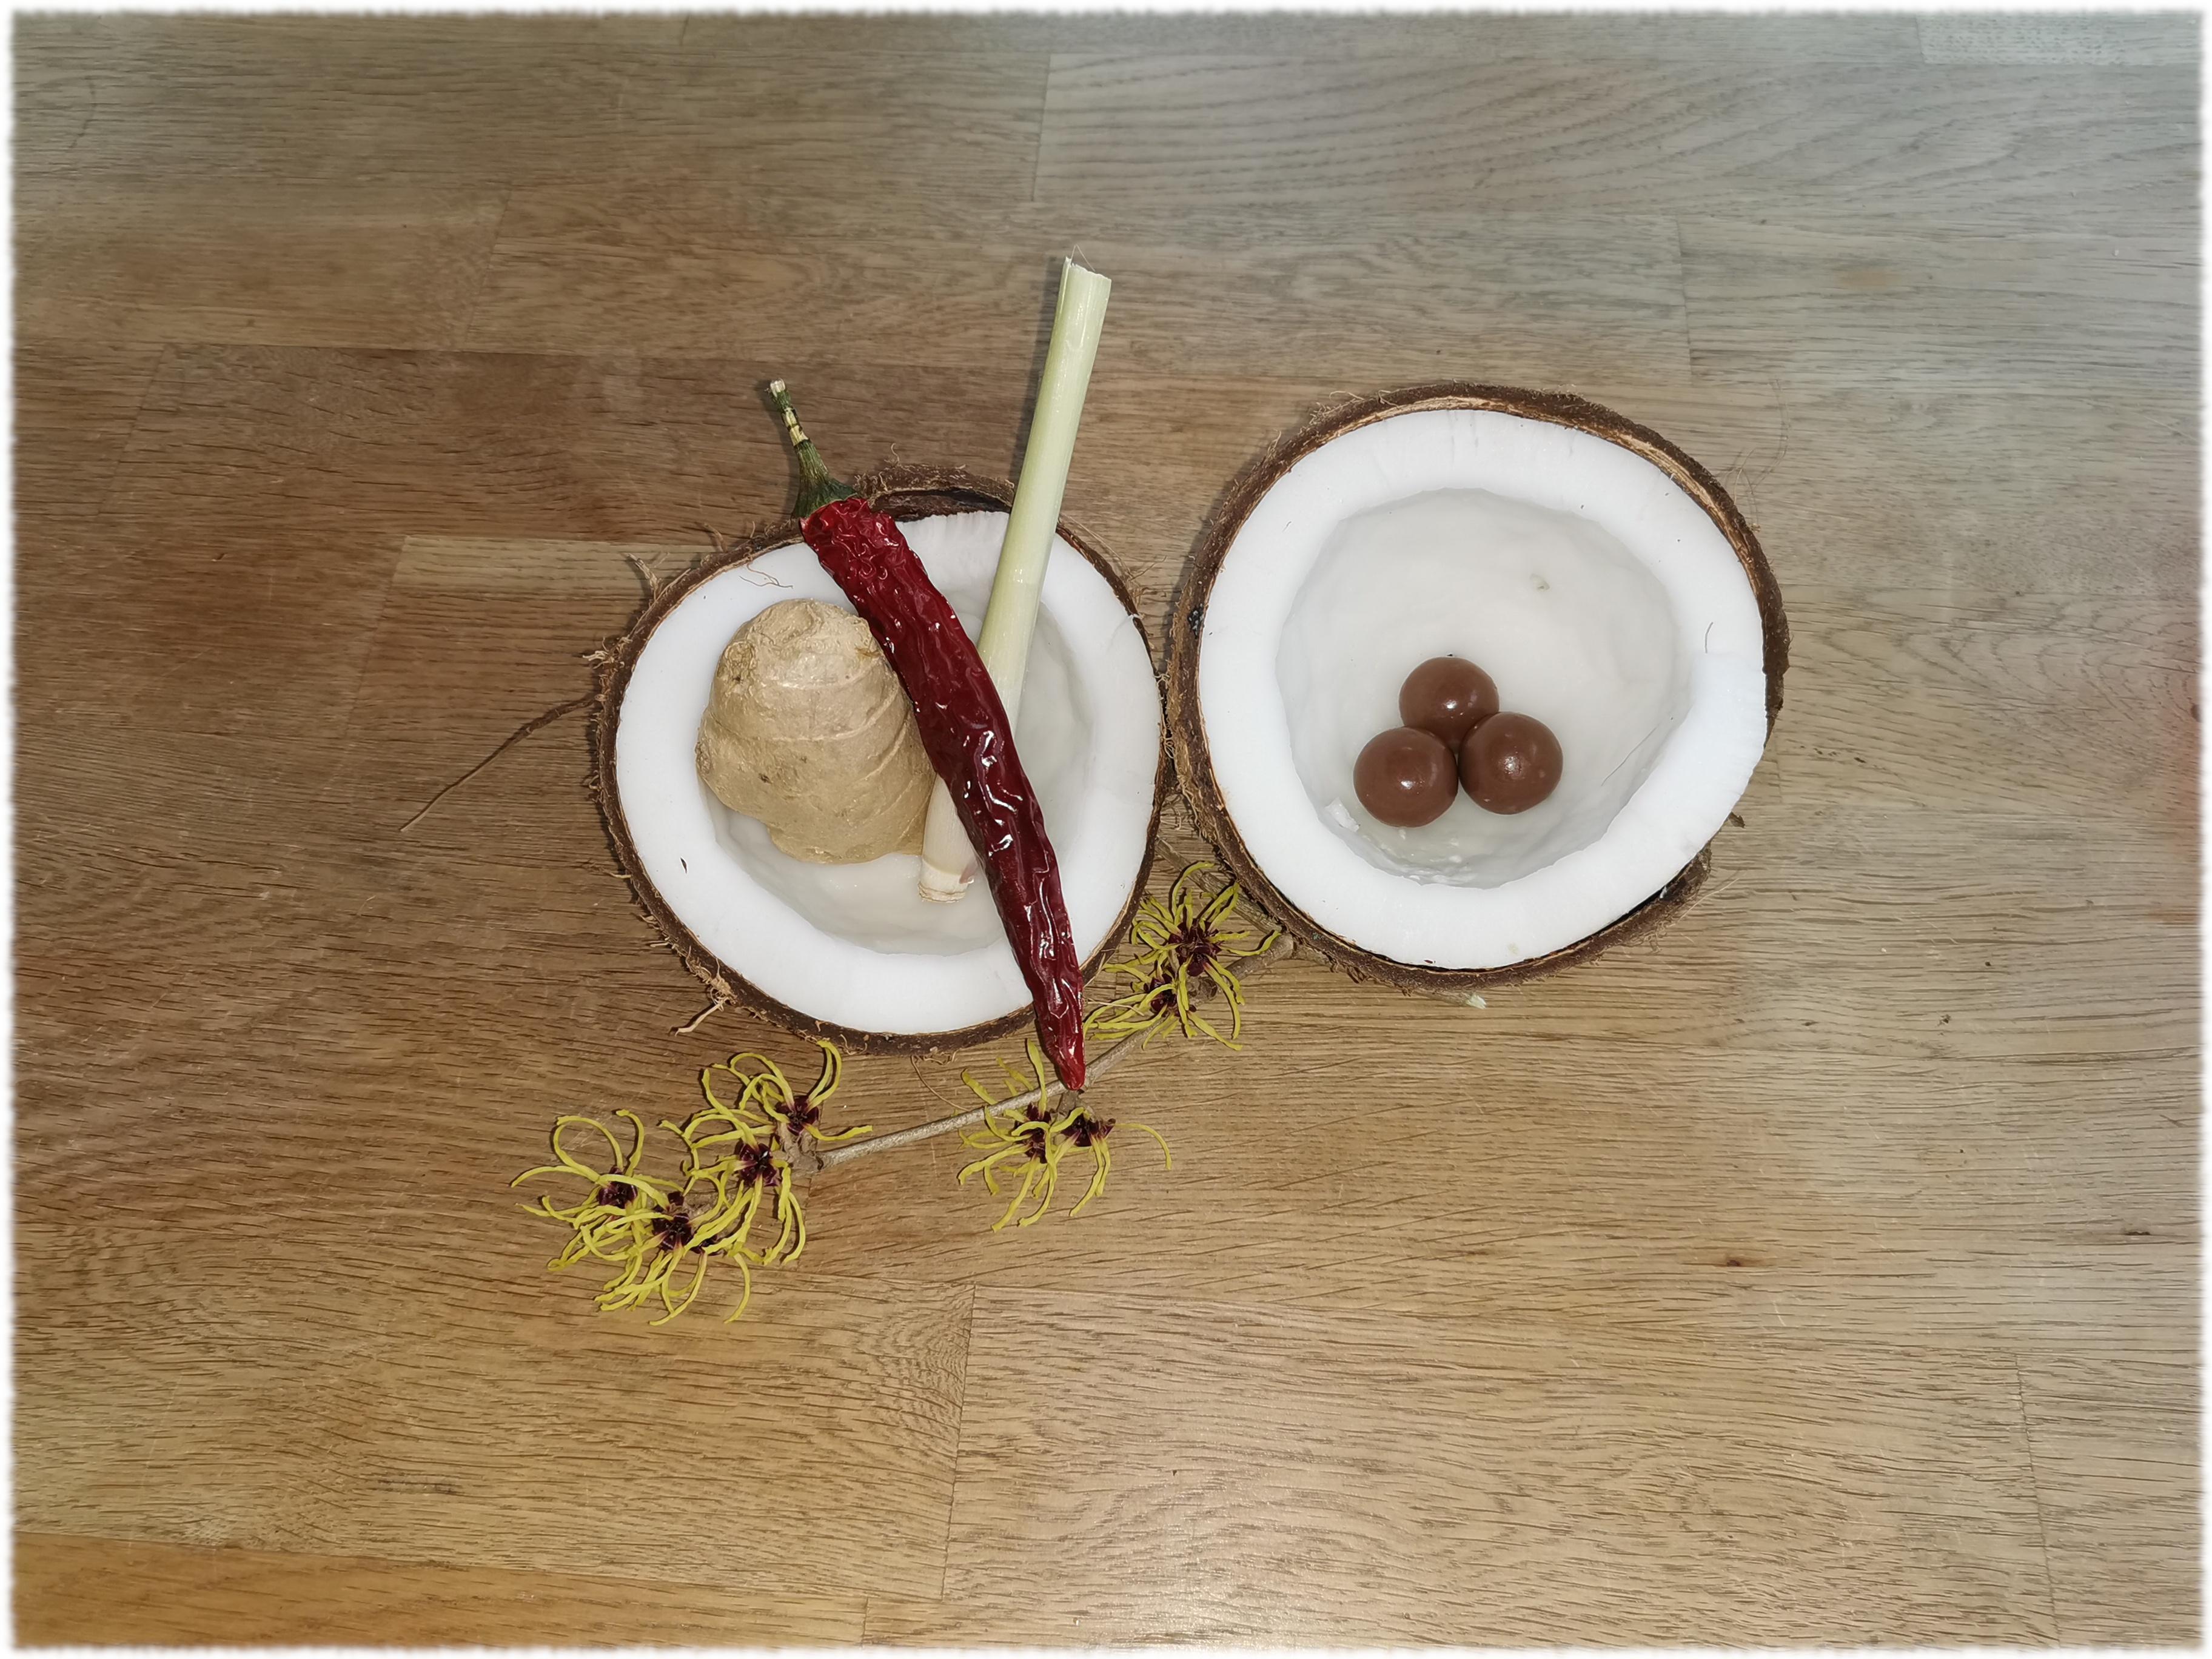 zwei Kokosnuss-Hälften auf einem Holztisch, eine gefüllt mit Schokokugeln, eine gefüllt mit einer Chili-Schote, Ingwer und Zitronengras, davor ein Zaubernusszweig